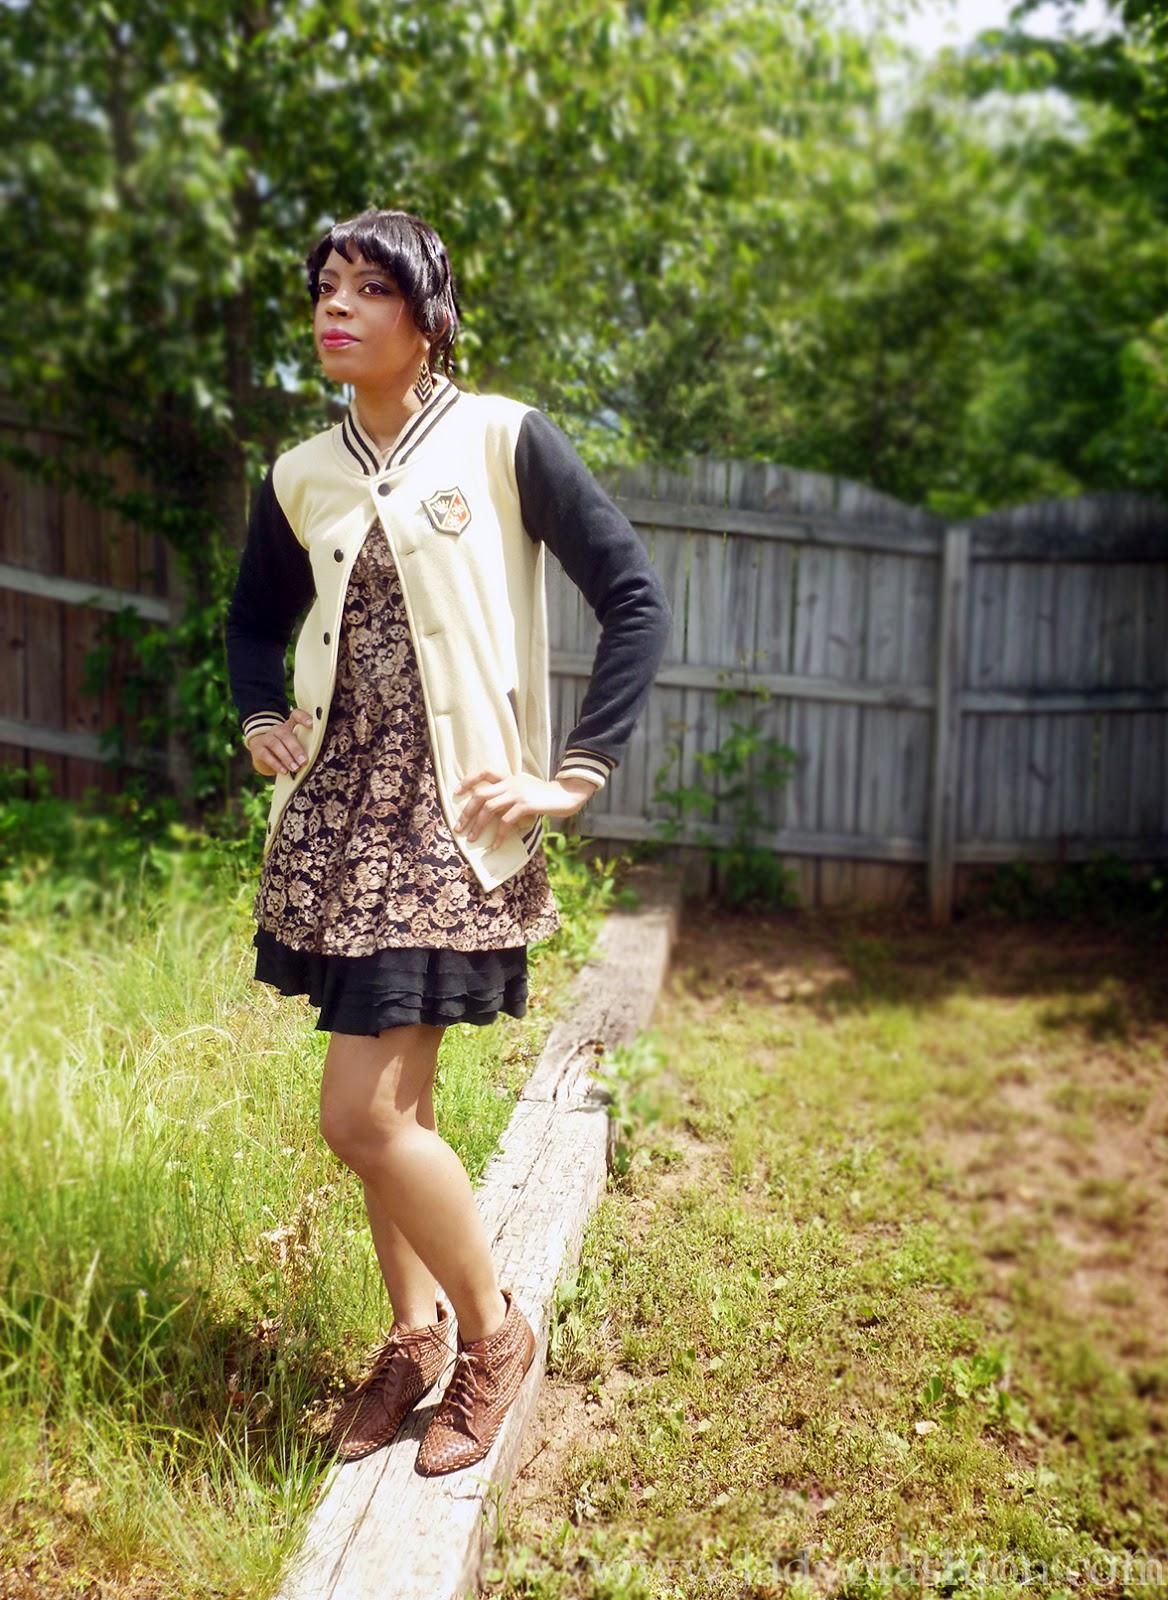 OASAP street style blogger